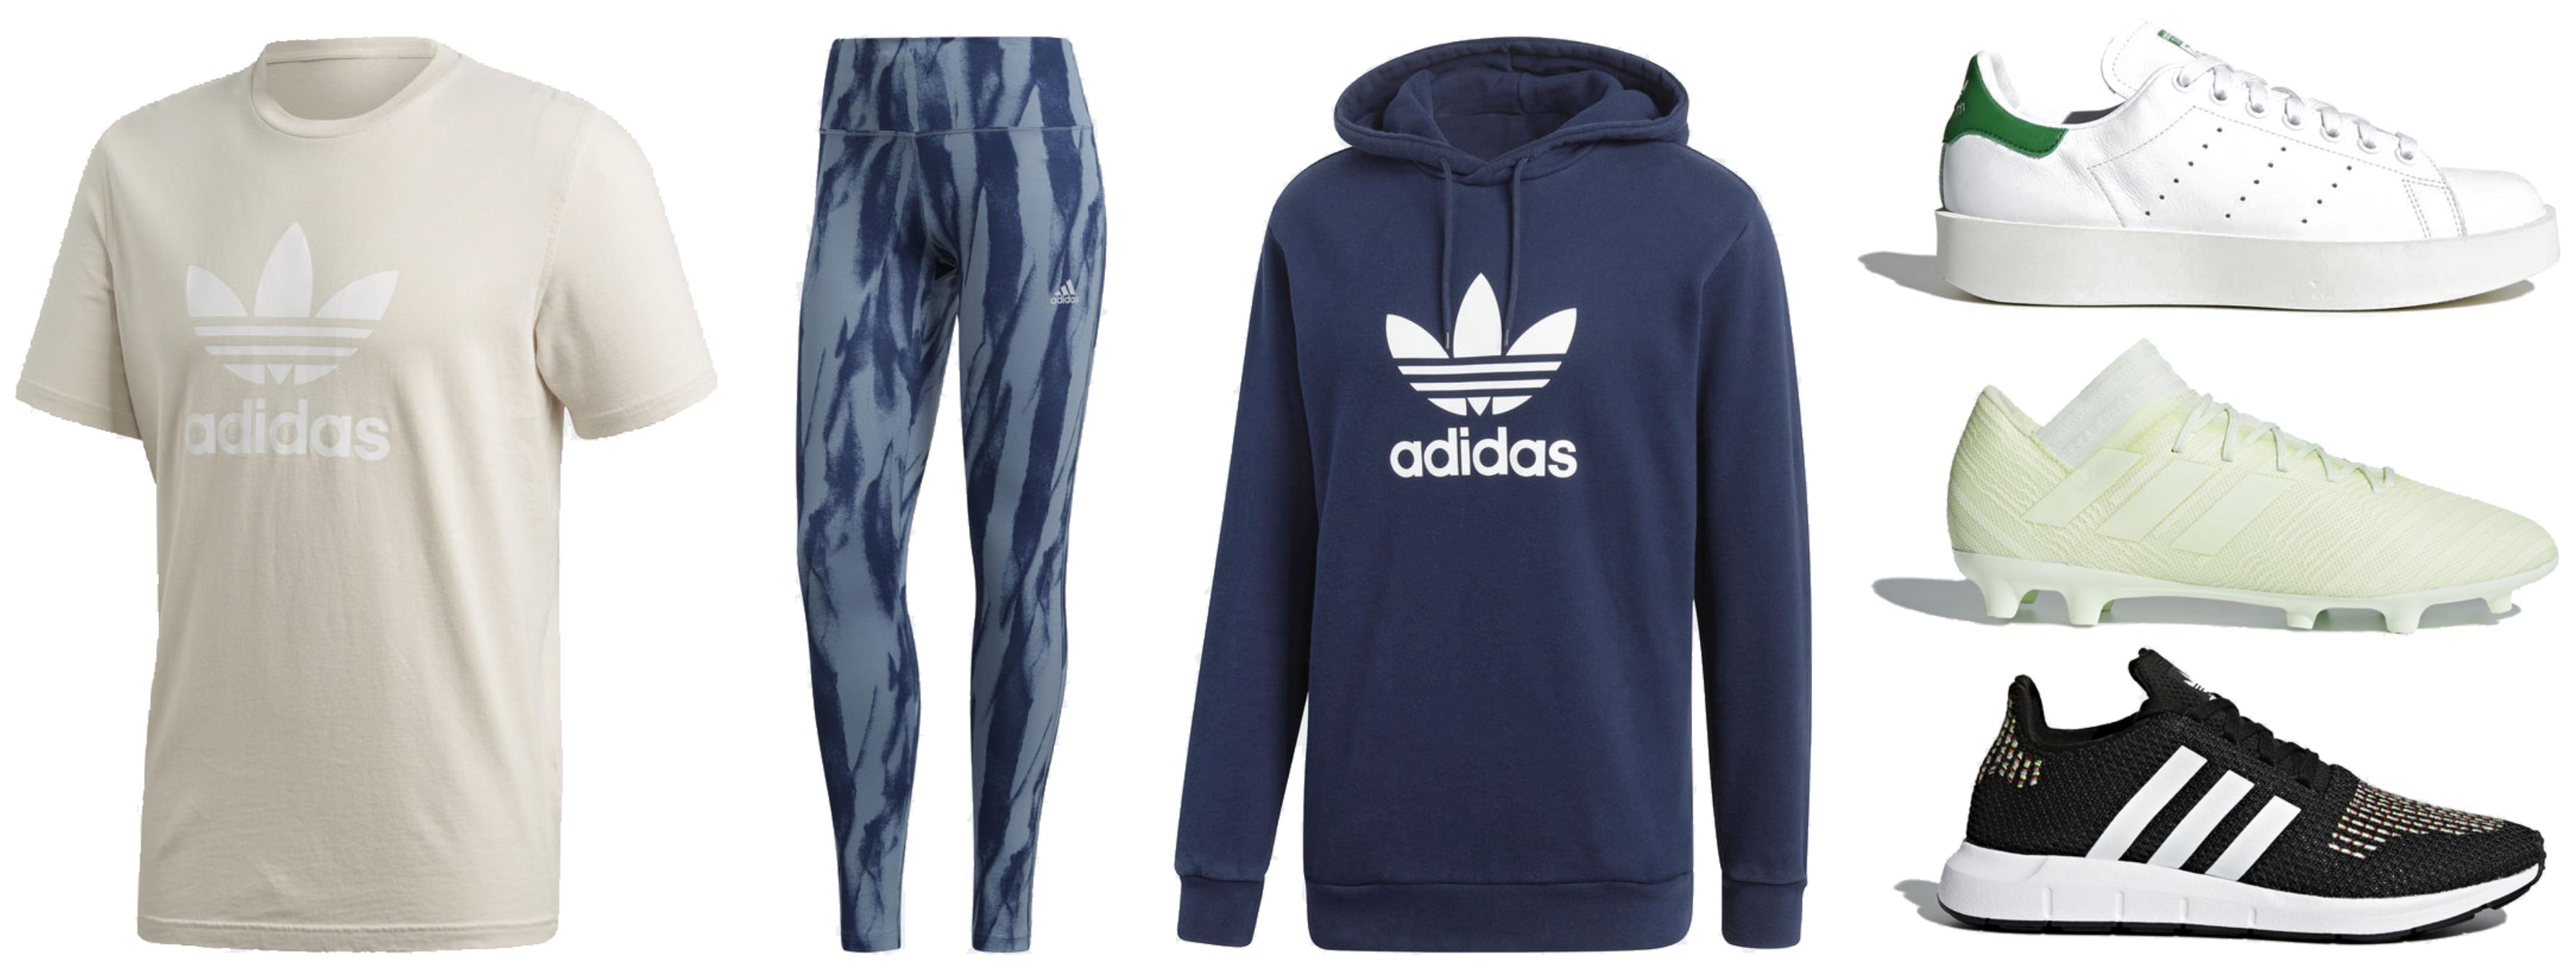 Día V: 50%+20% EXTRA en 24 productos Adidas